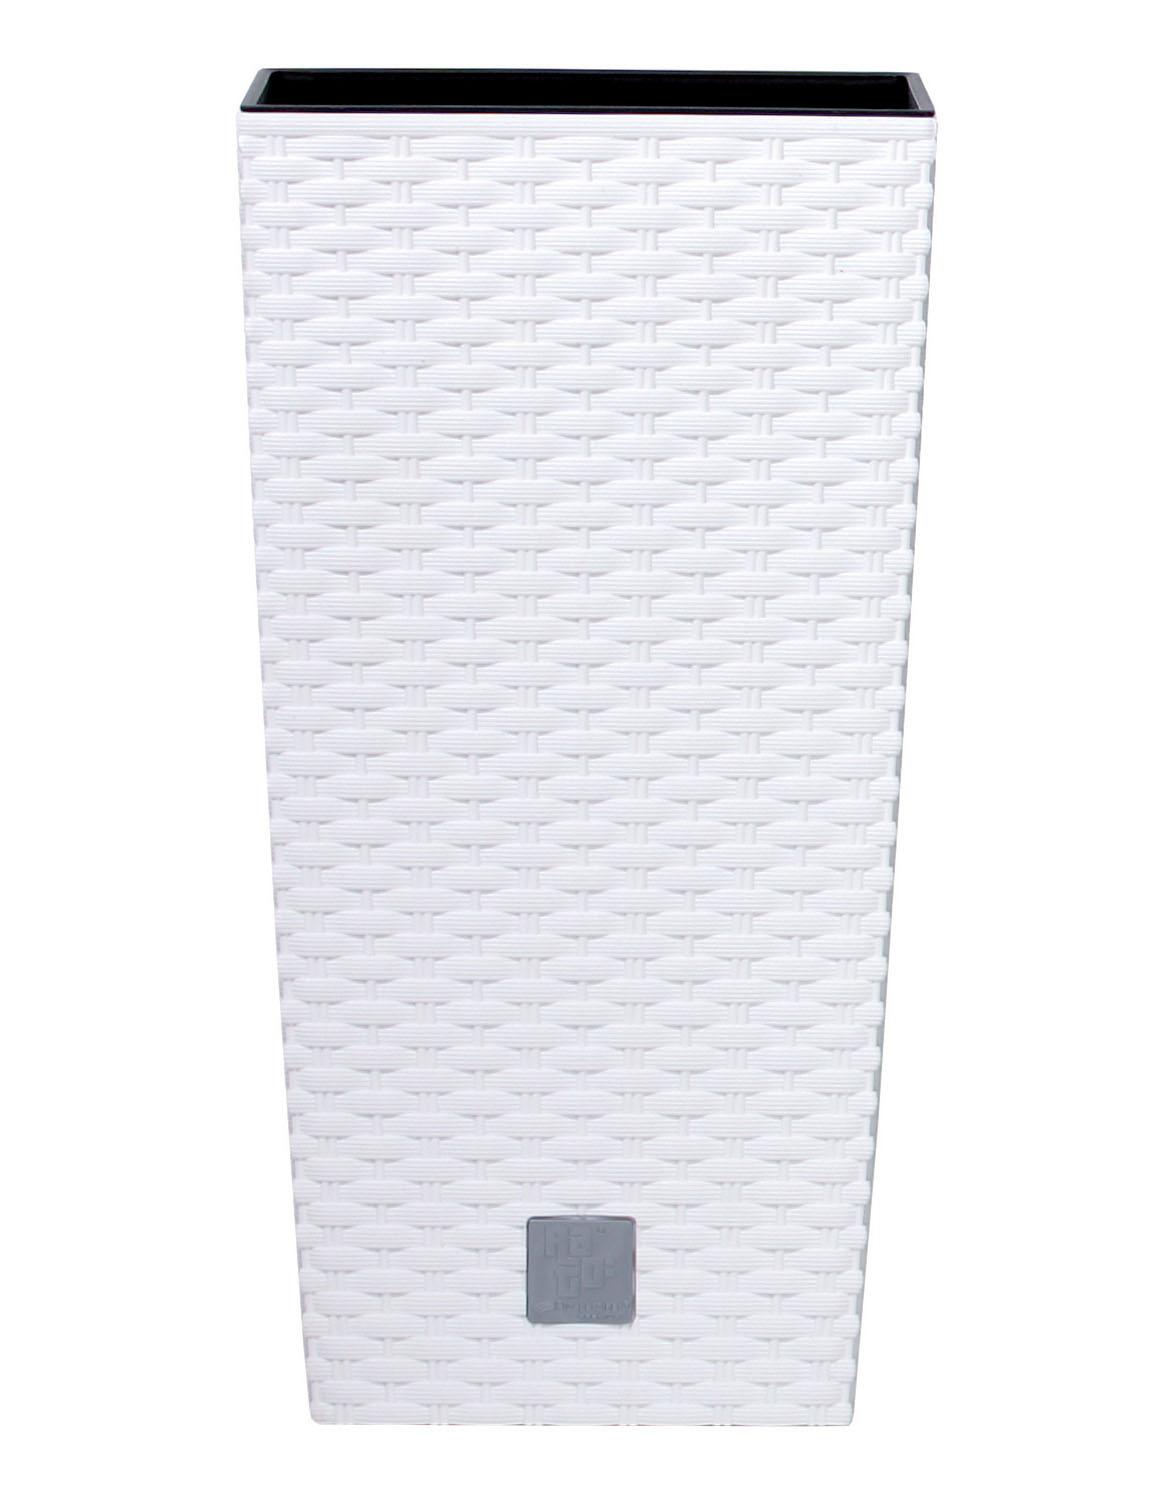 PROSPERPLAST Květináč RATO SQUARE + vklad bílý 26,5cm